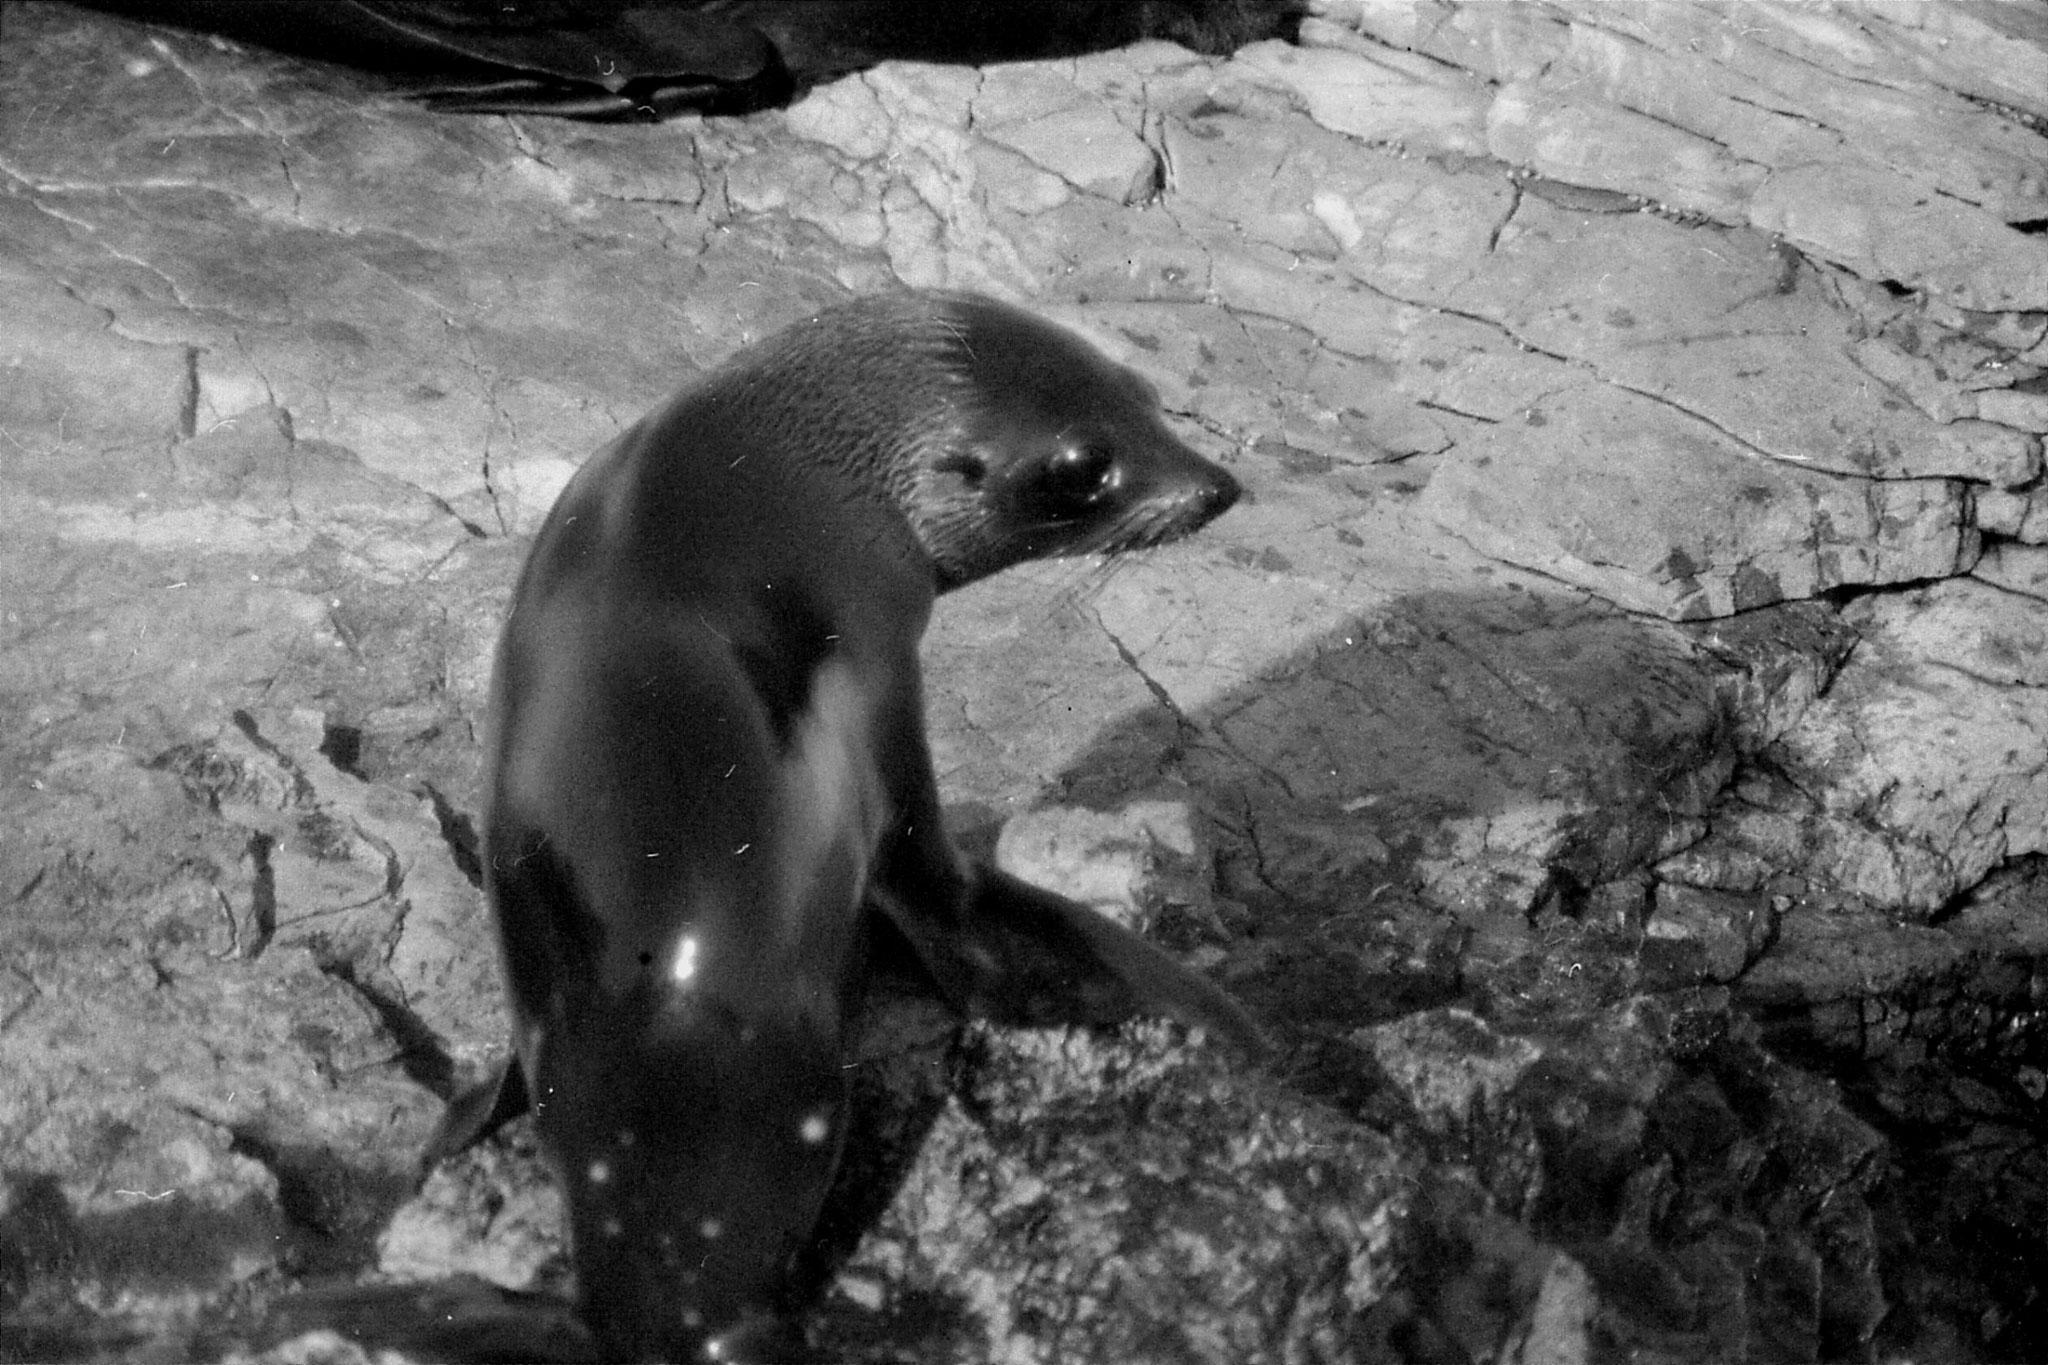 9/8/1990: 1: Kaikoura seals